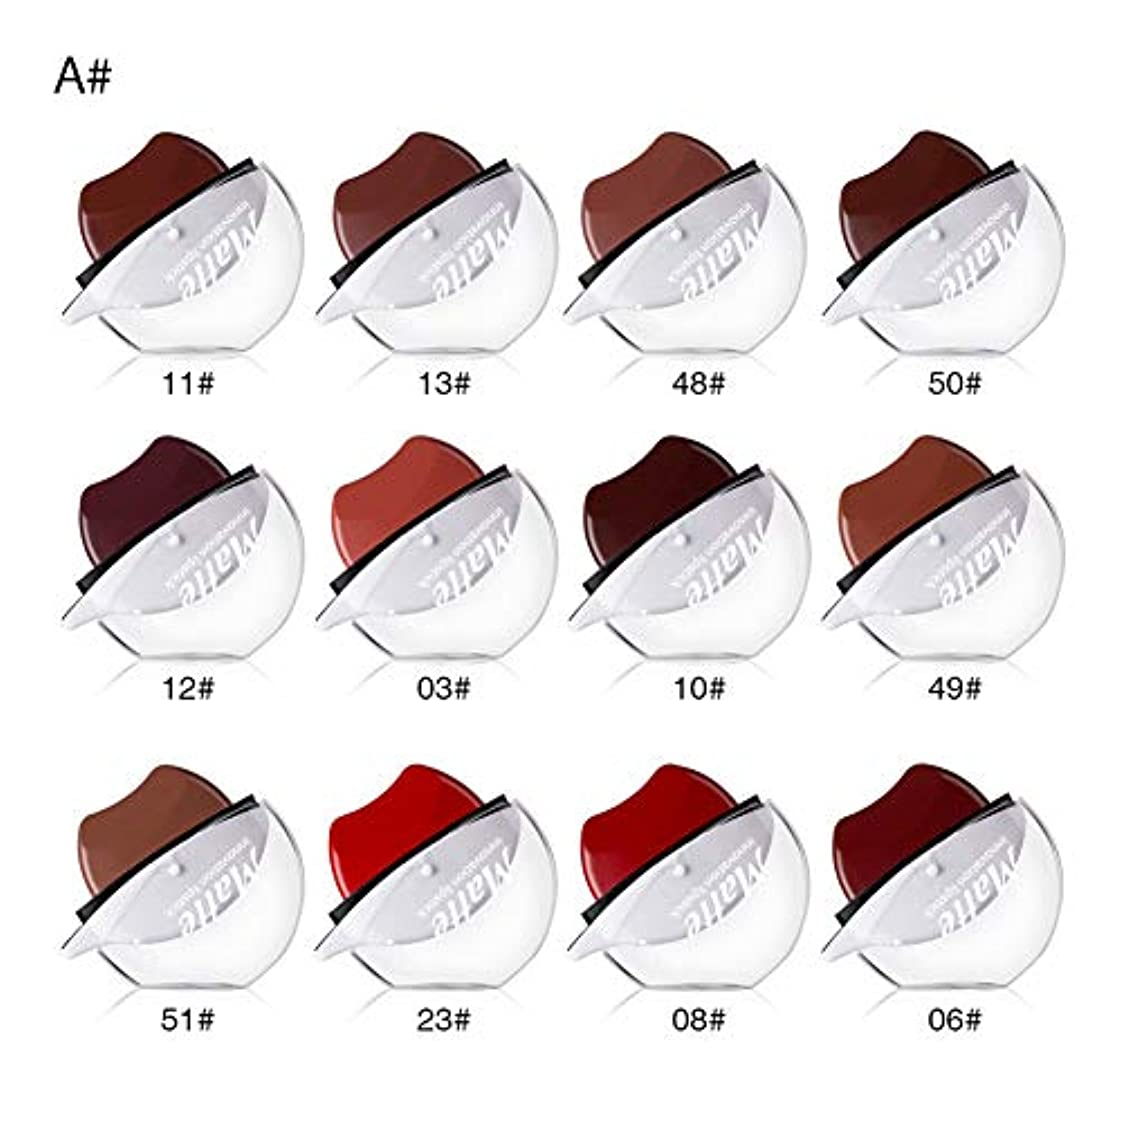 石炭くすぐったい純粋にMeterMall 12色長続きがする怠惰な唇の形の口紅防水長続きがする保湿の口紅 A(12色/セット)